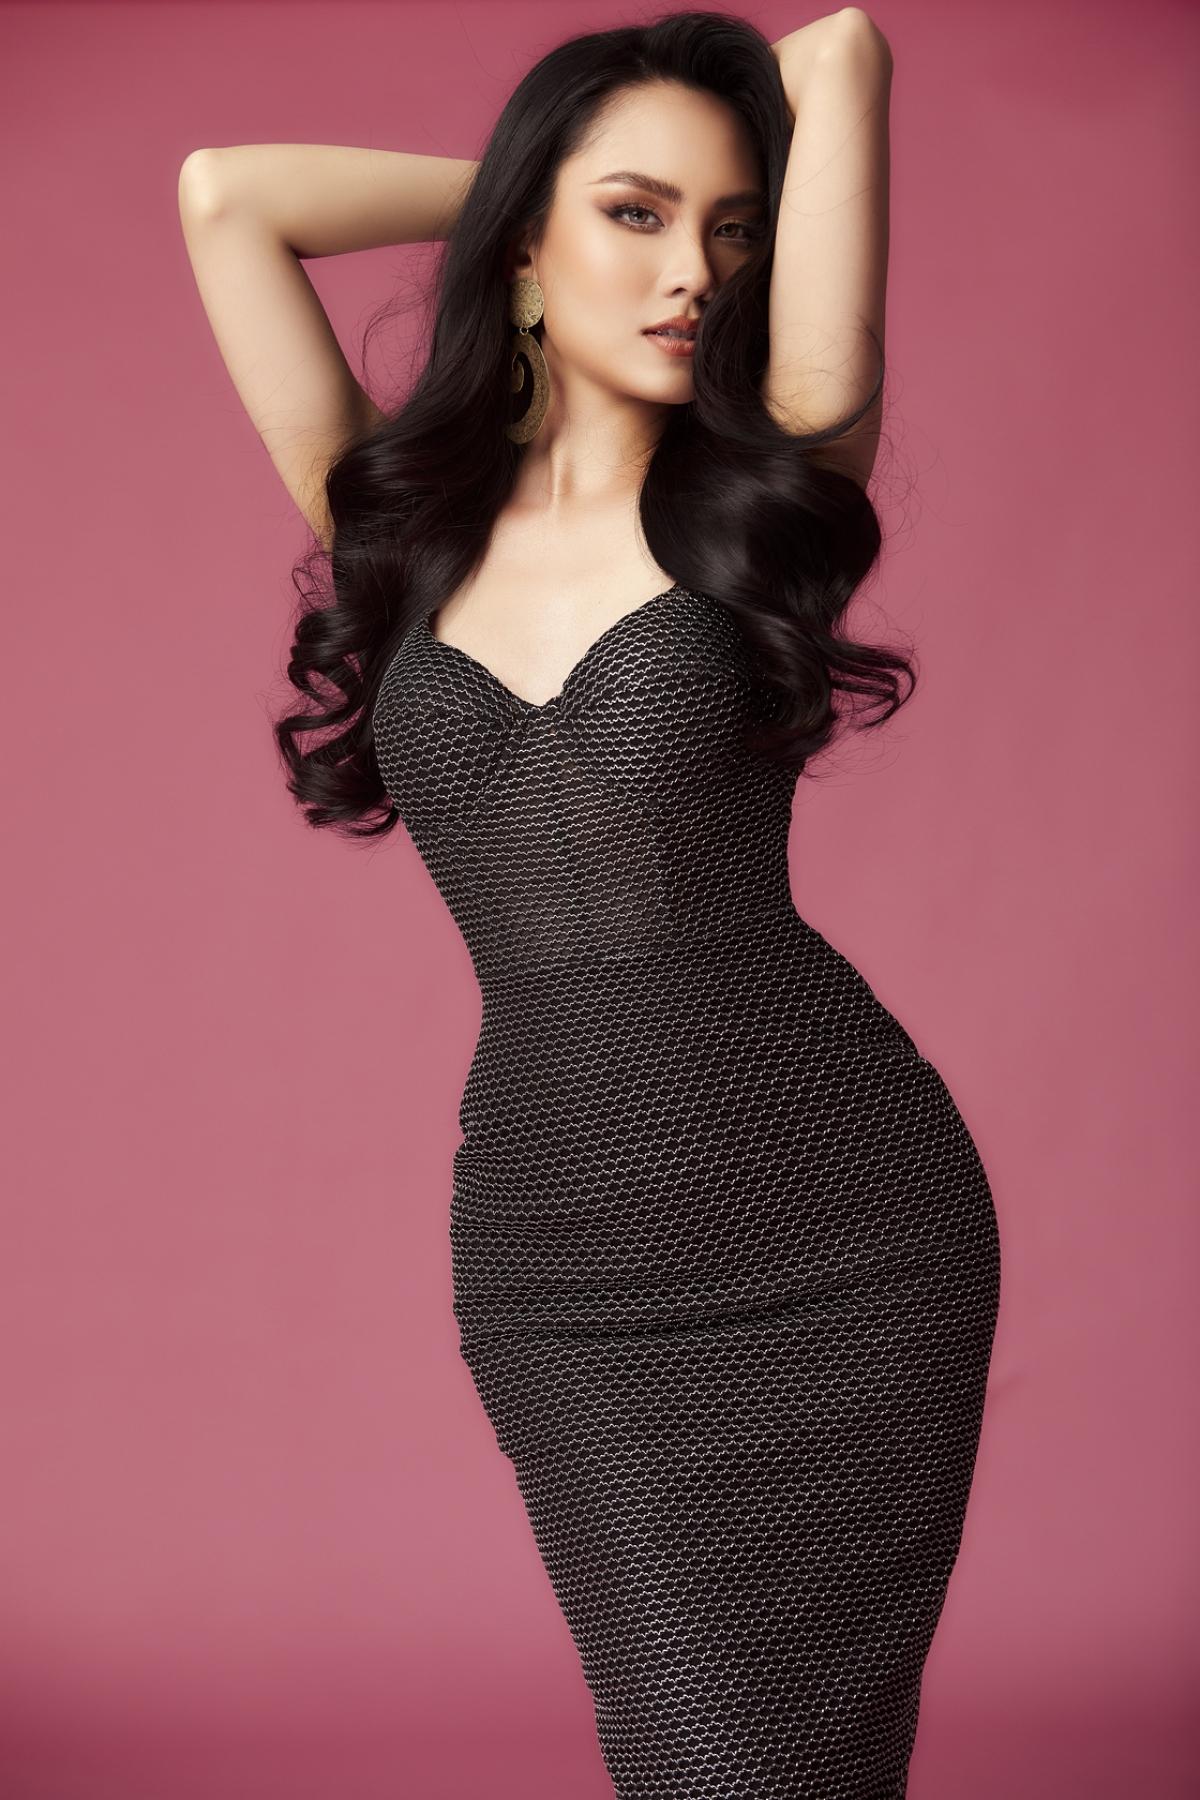 Đến với cuộc thi Miss World Vietnam năm nay, Người đẹp nhân ái Mai Phương đem đến một hình ảnh khác biệt, cá tính và quyến rũ hơn. Chính bởi sự lột xác này mà nhiều khán giả kỳ vọng cô gái này sẽ tiếp tục đi sâu hơn tại cuộc thi bên cạnh những cái tên nổi trội khác./.